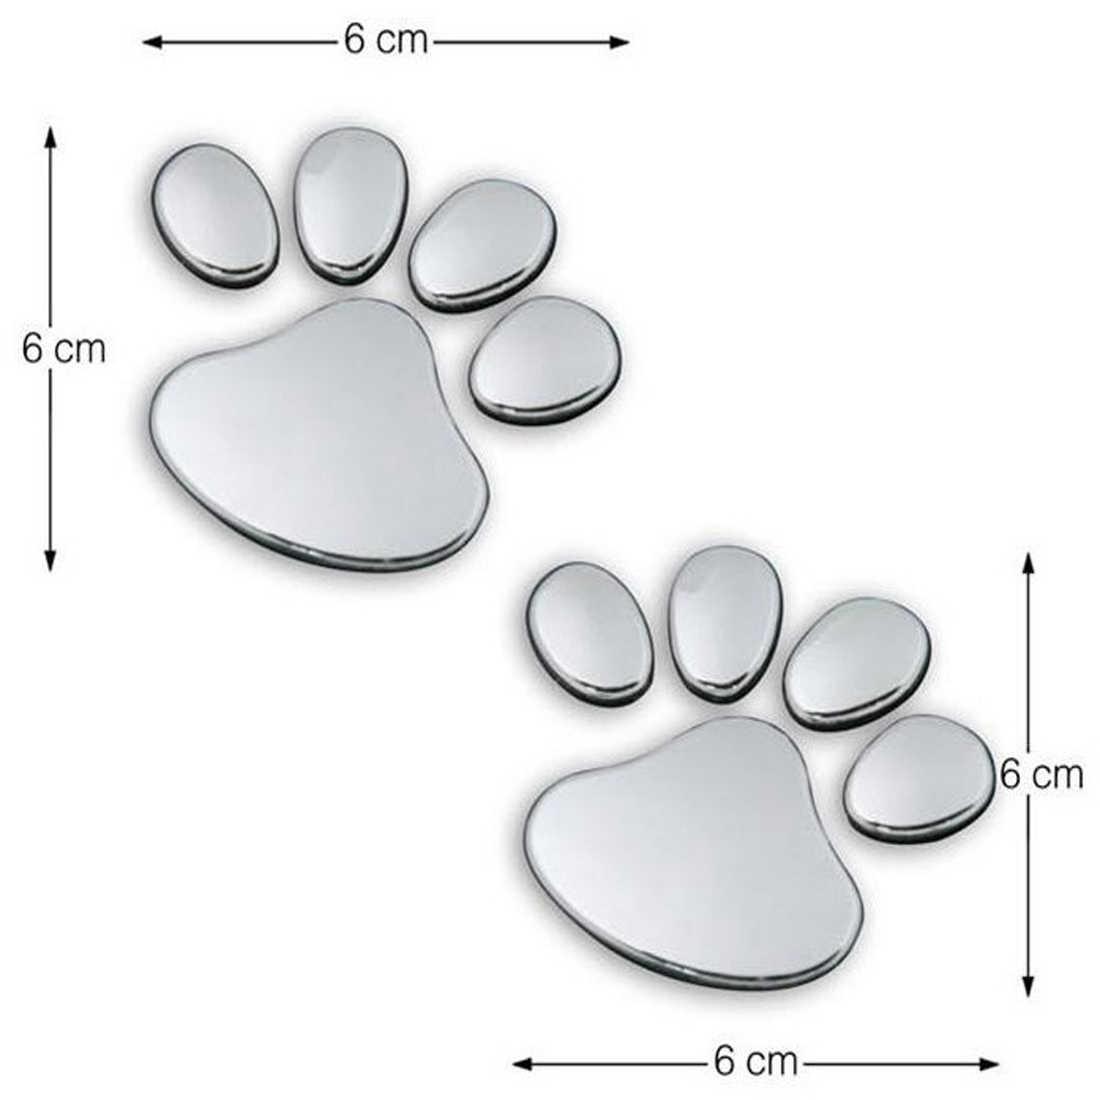 Dewtreetali автомобиля Стикеры классный дизайн Paw 3D животных собака кошка Медведь отпечатки ног след 3 М наклейки на автомобиль пара цвет серебристый, золотой